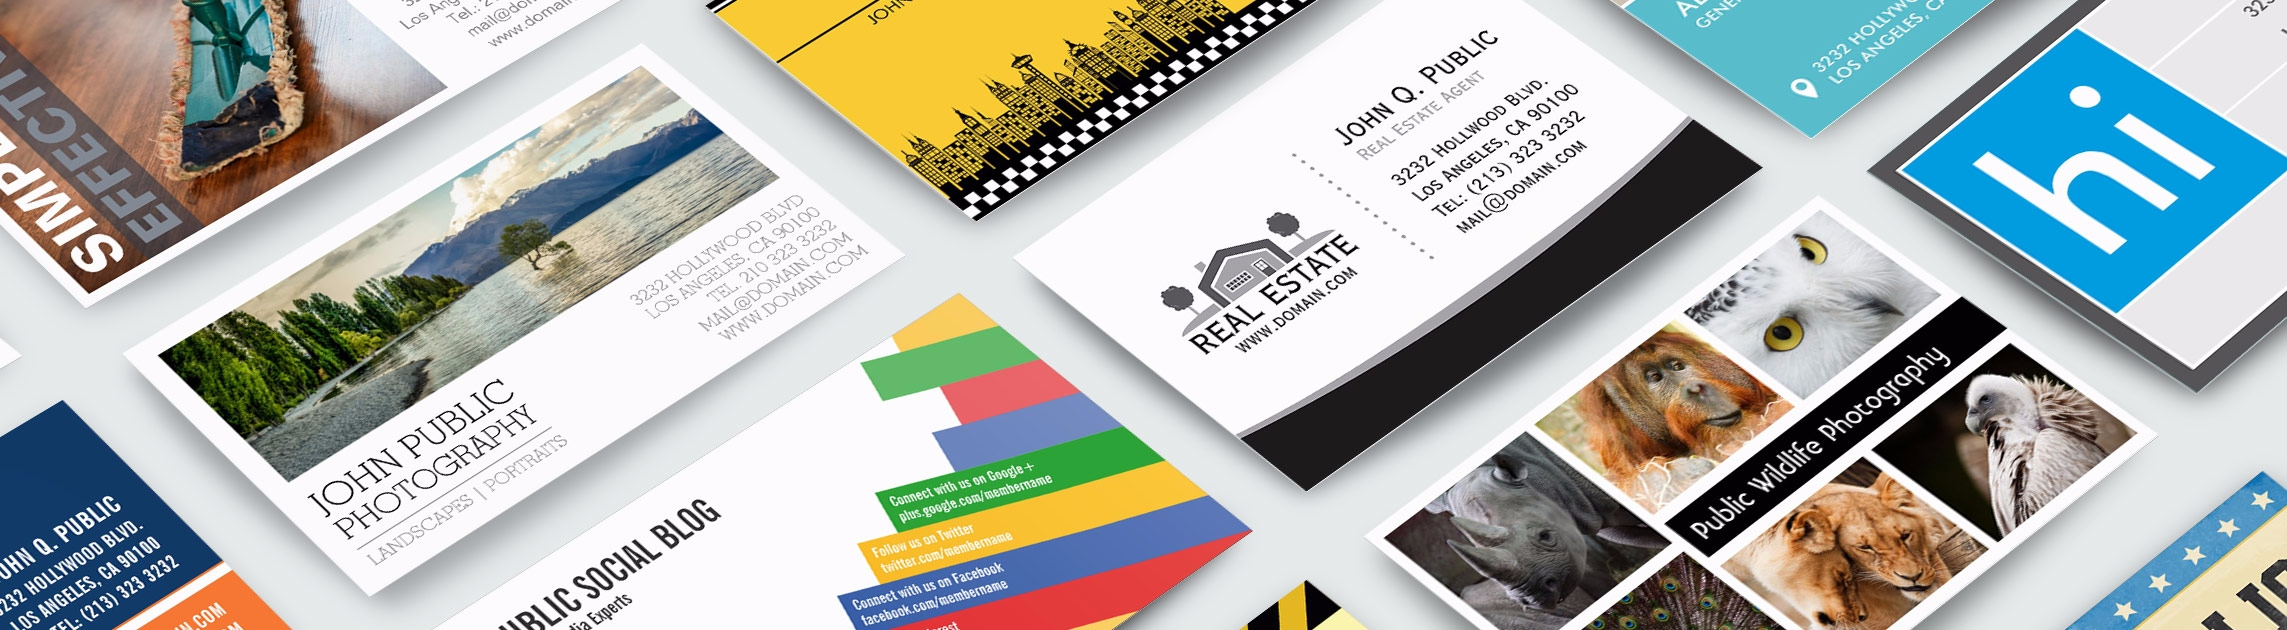 J32 DESIGN (@j32design) Cover Image